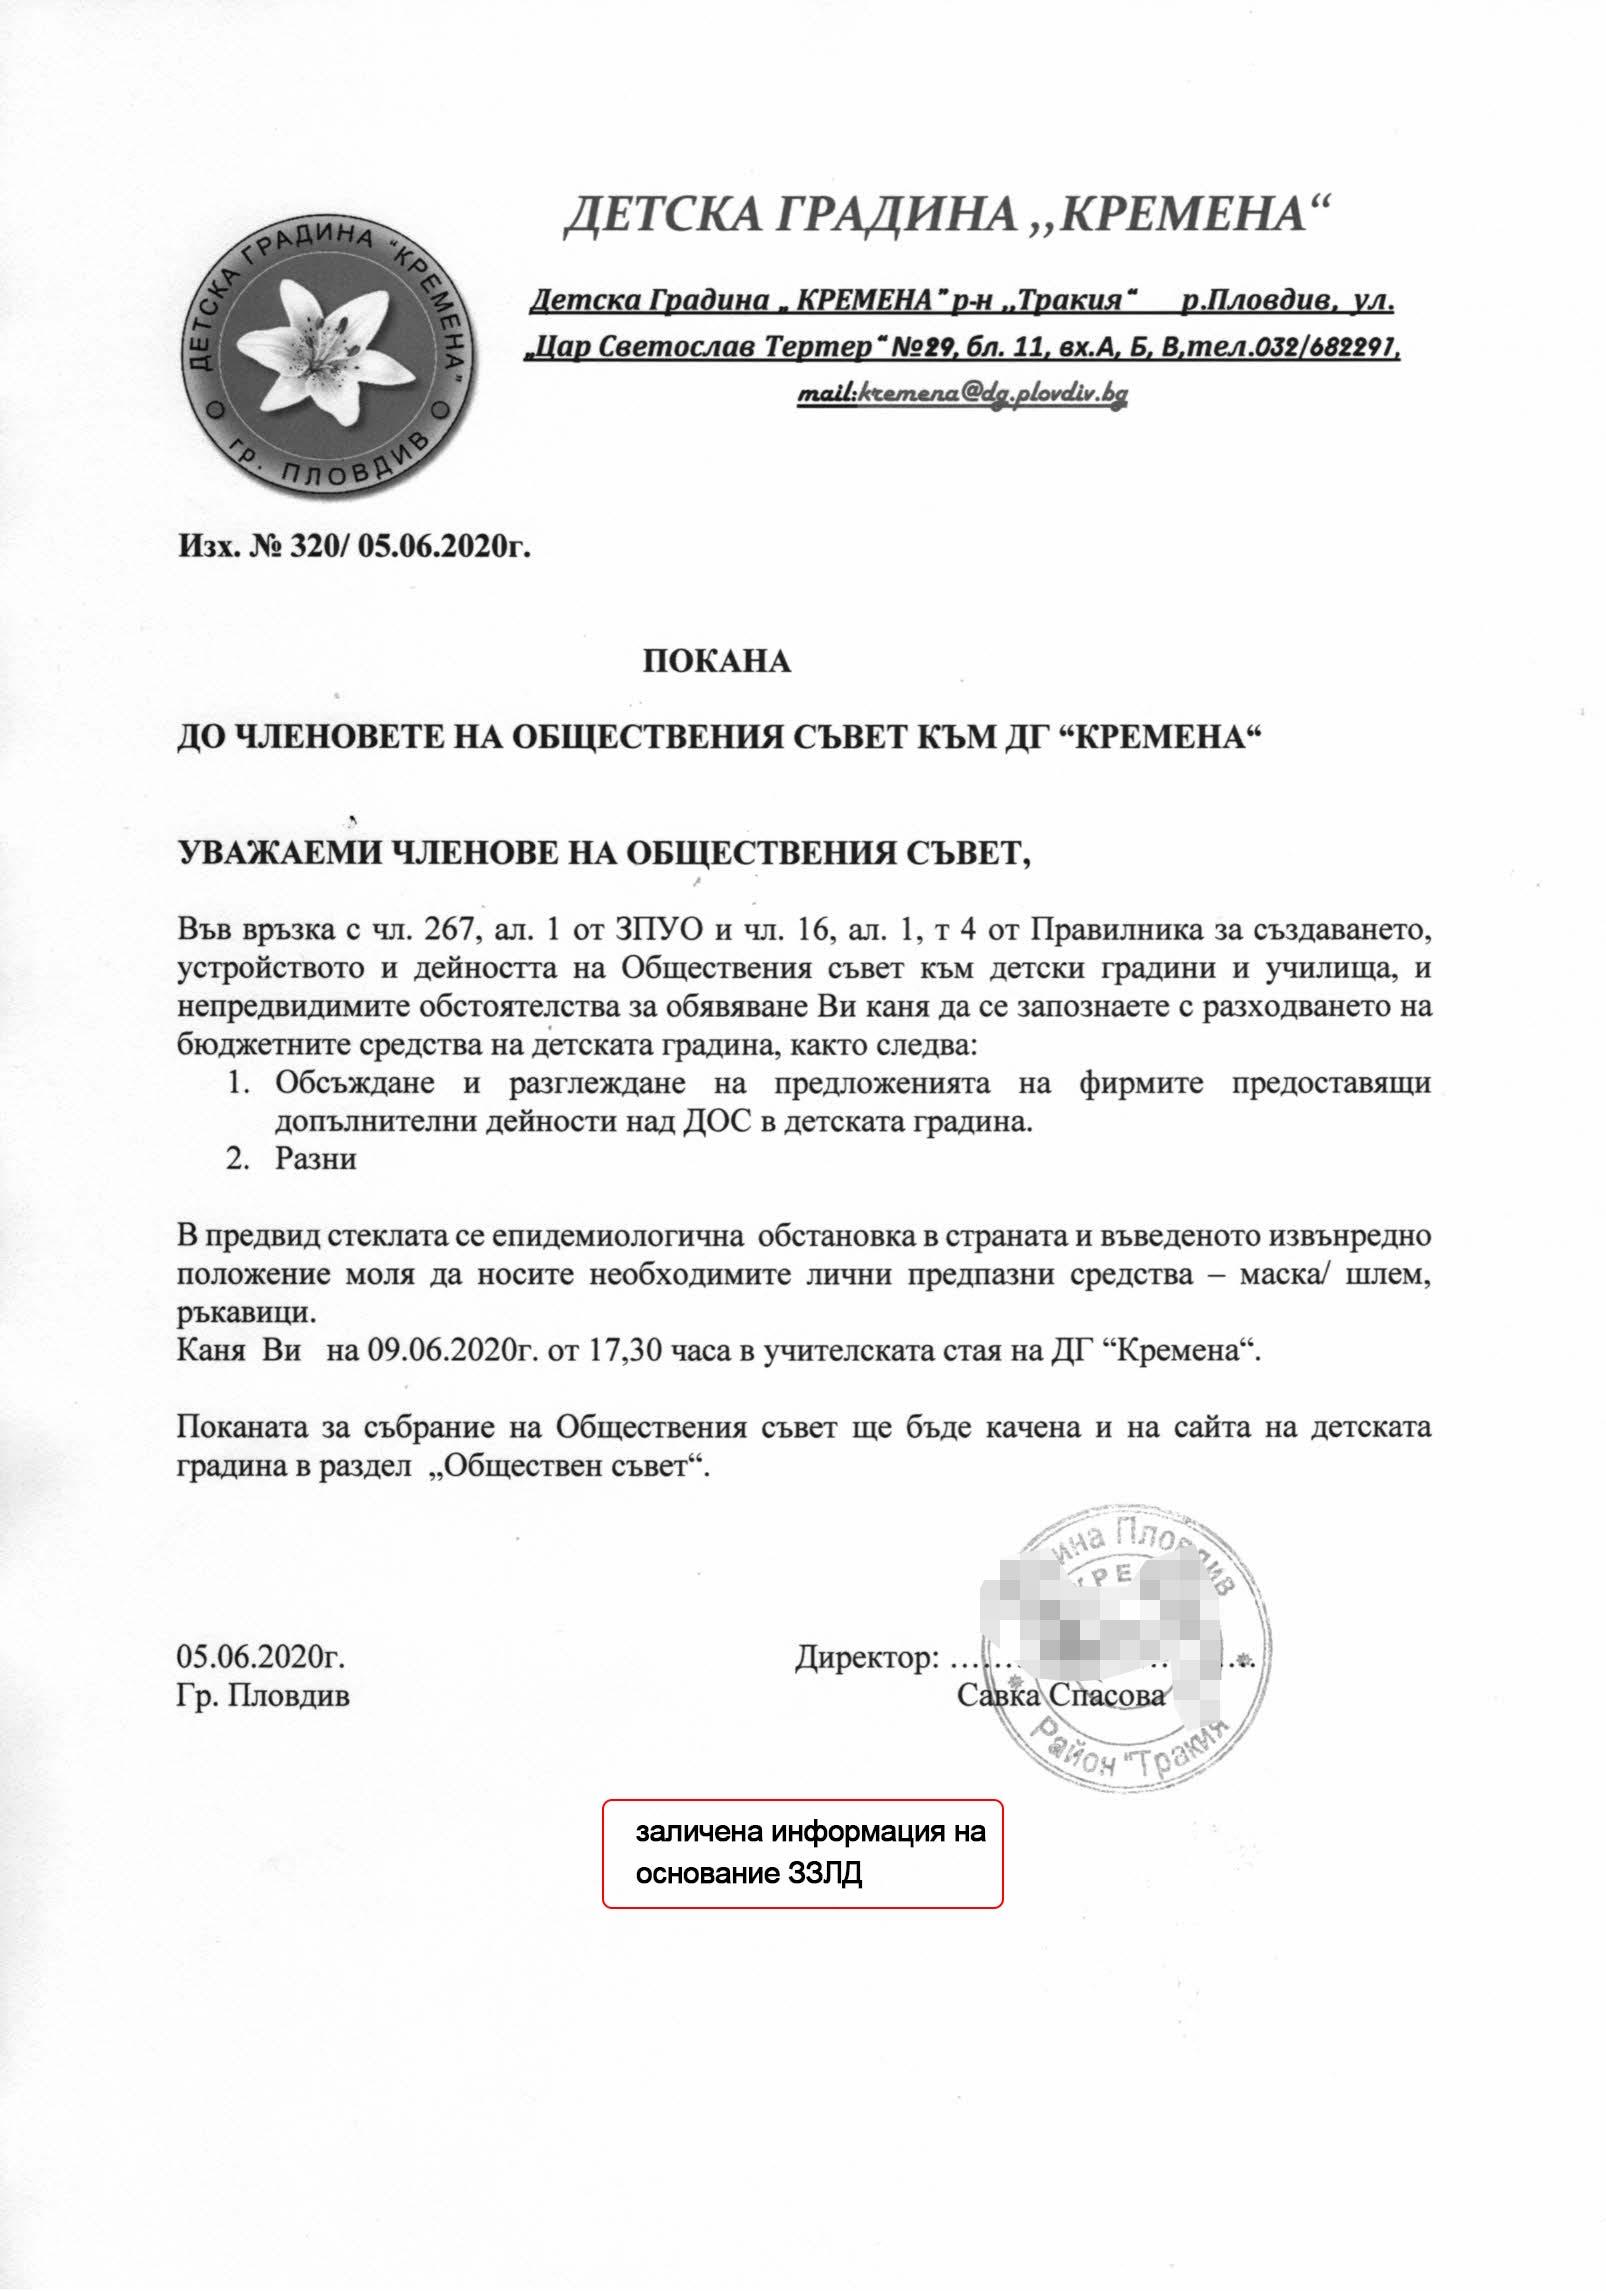 ПОКАНА-ОБЩЕСТВЕН-СЪВЕТ---05.06